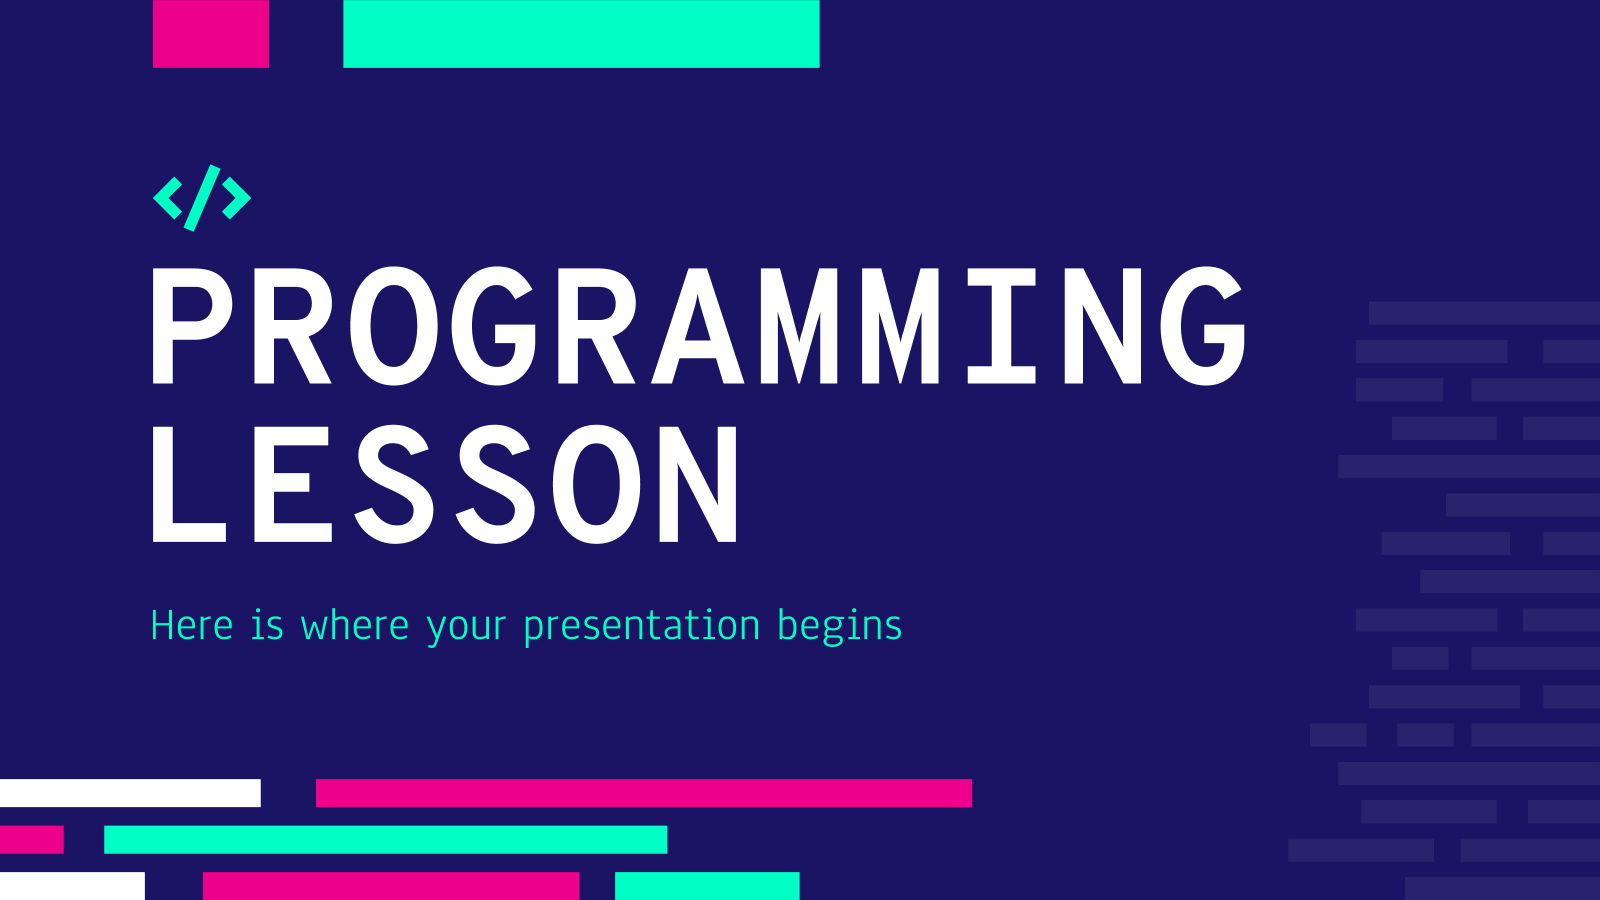 Cours de programmation : Modèles de présentation